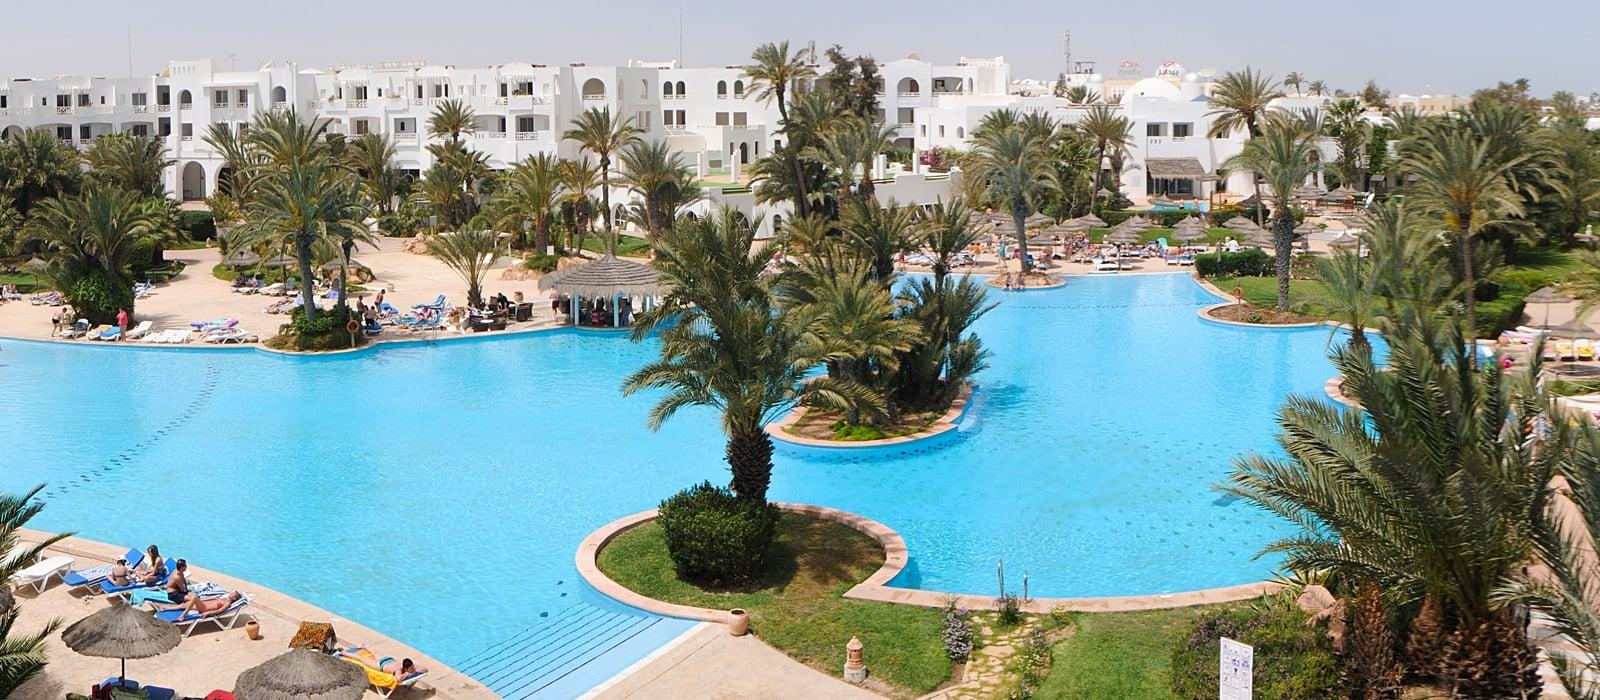 Photos And Videos Hotel Djerba Resort Vincci Hotels